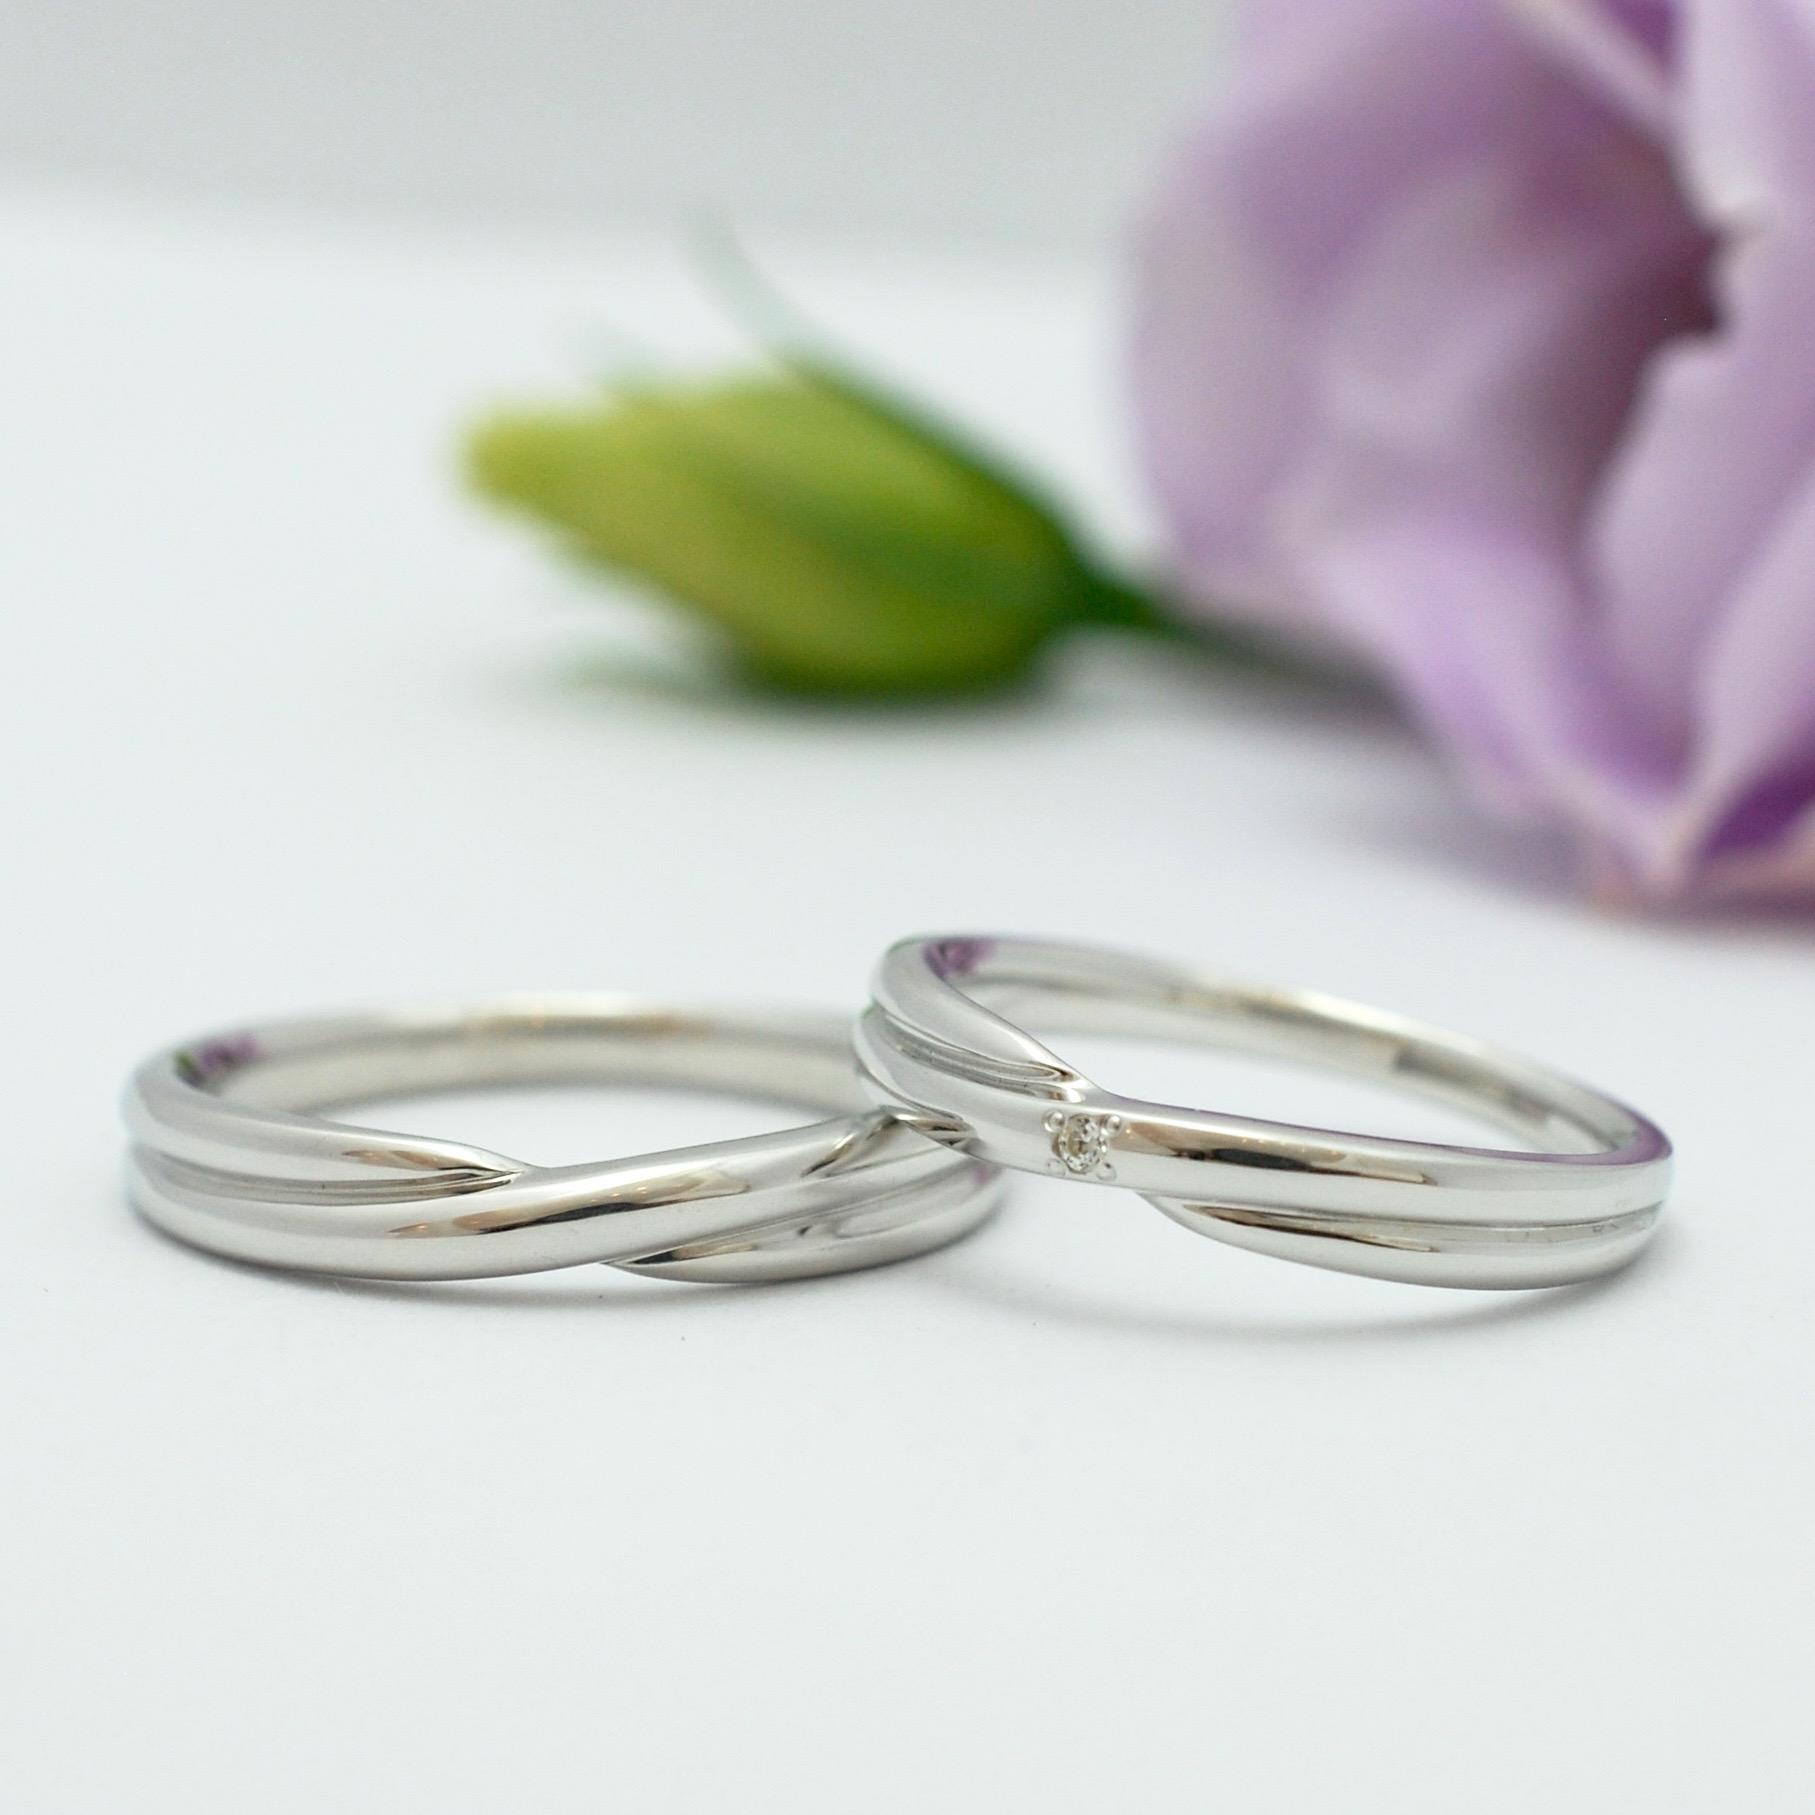 【手作り結婚指輪】清水様カップル